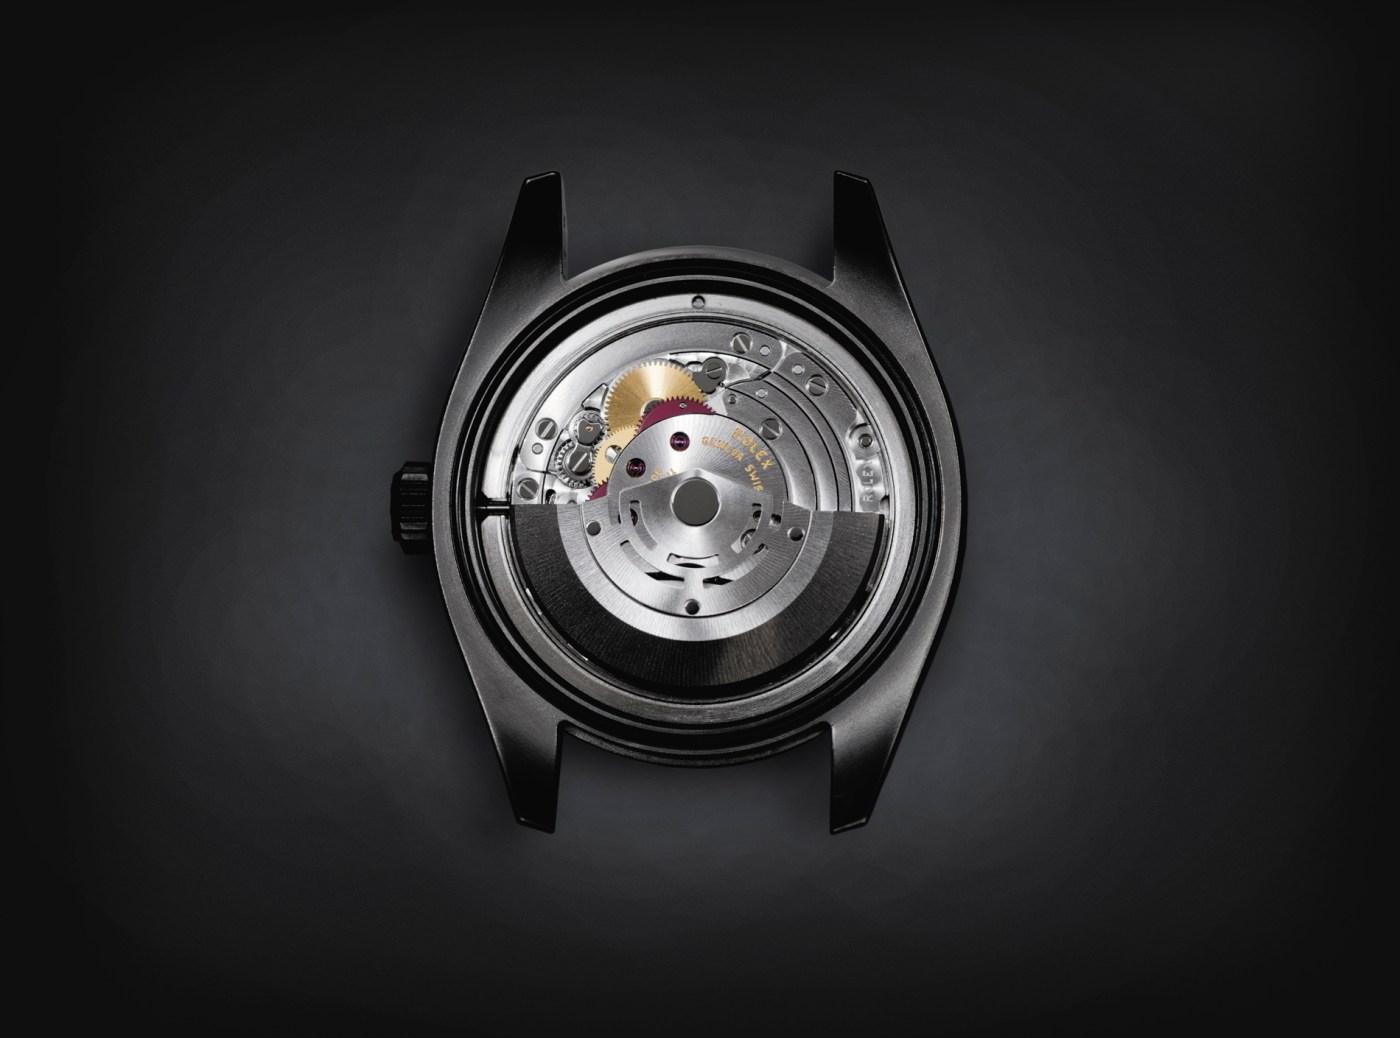 Rolex Milgauss Tourbillon by Label Noir